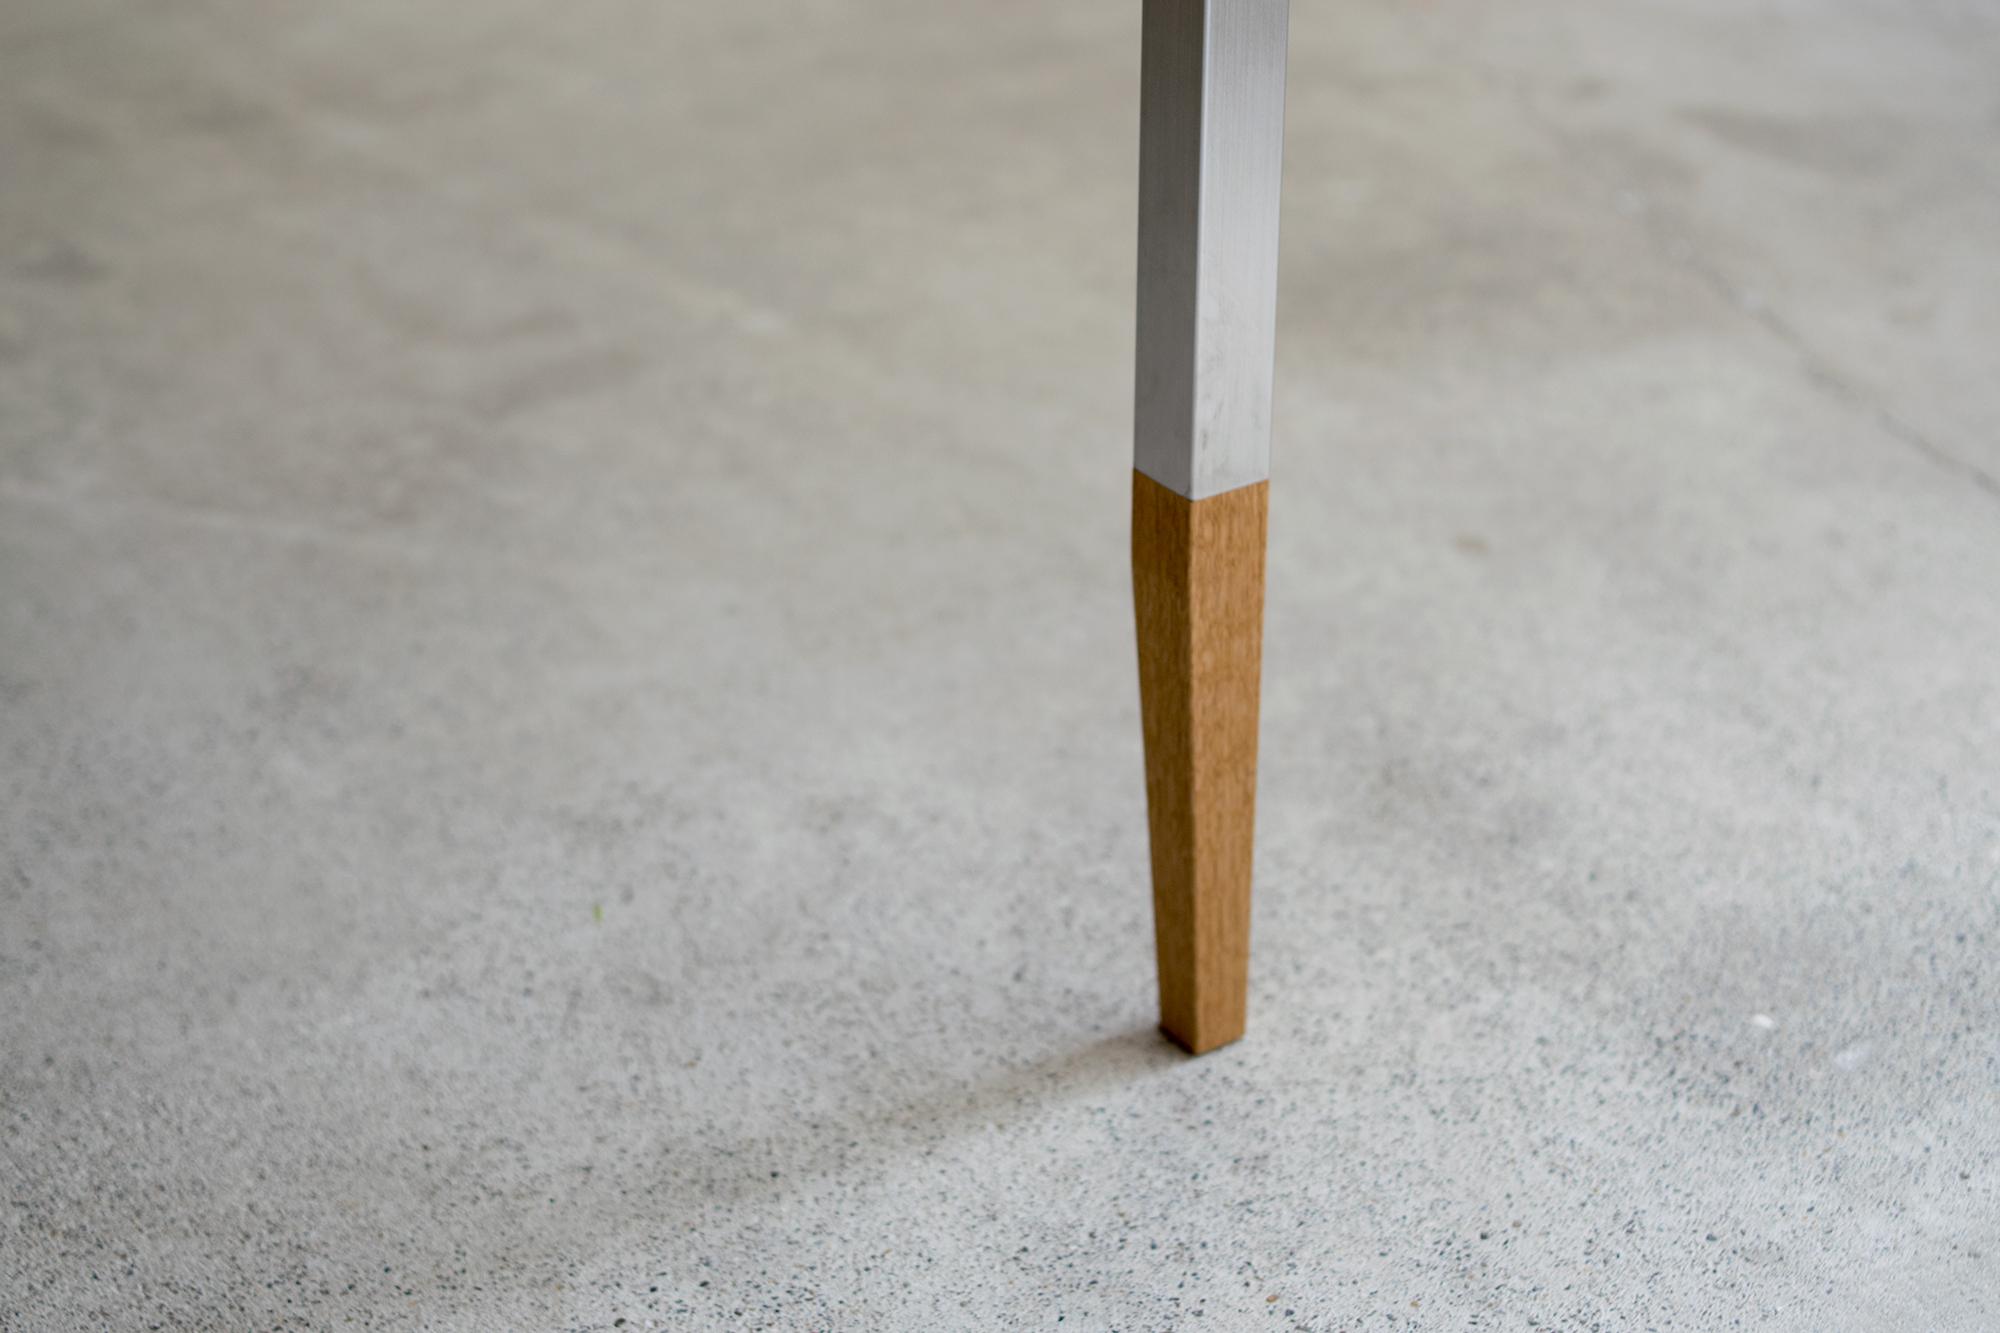 脚は30mm角、脚先にかけて細くなっています